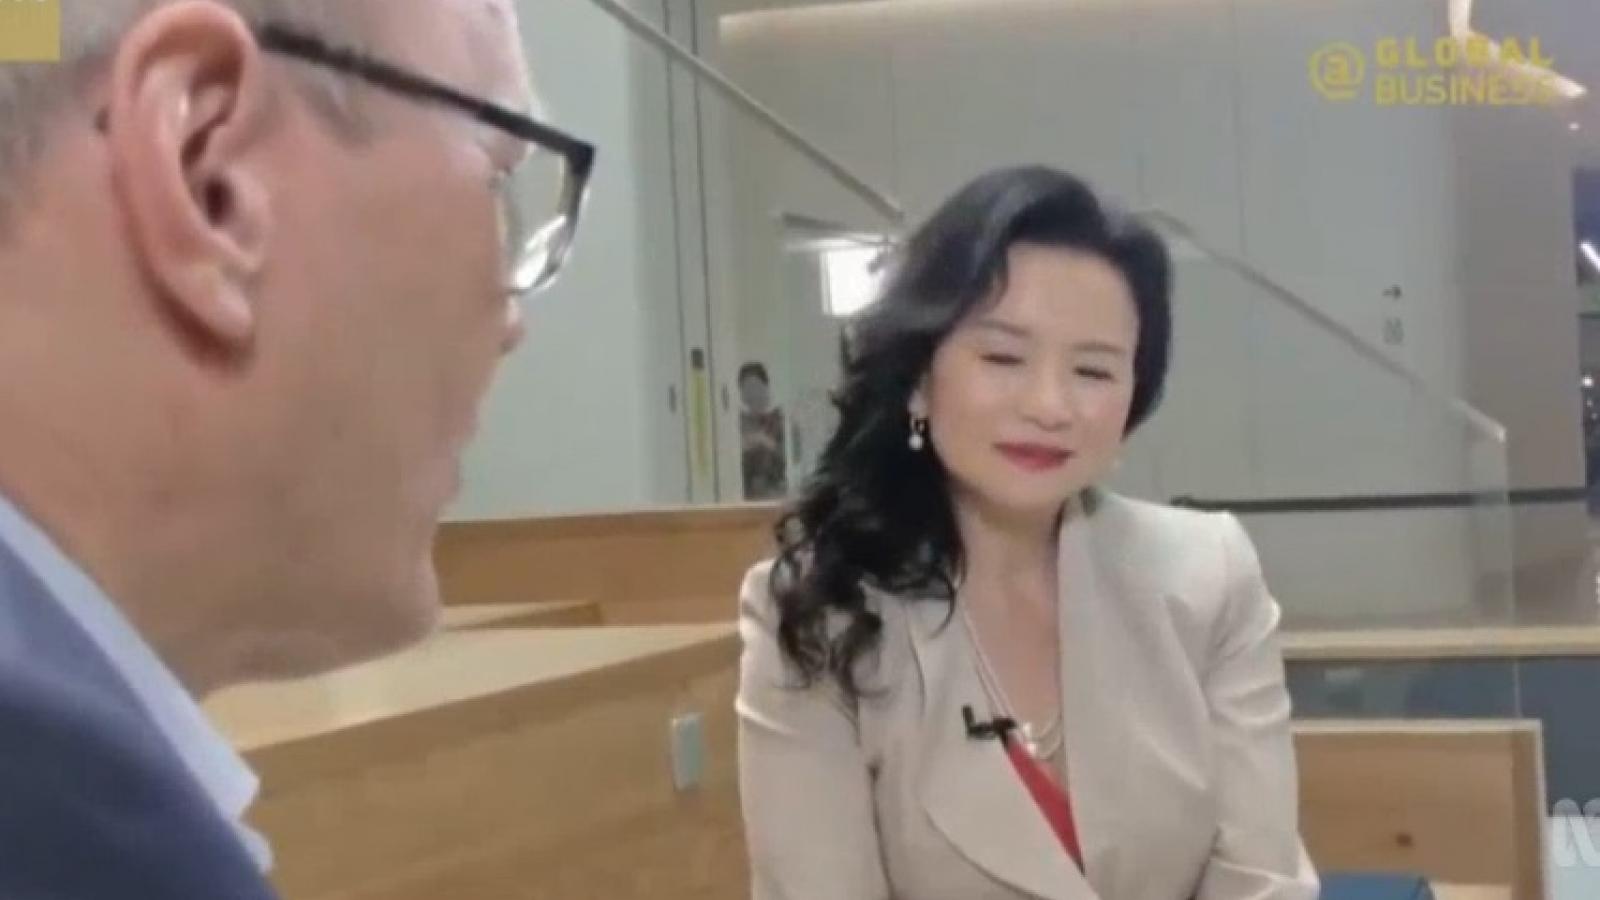 Trung Quốc tố tình báo Australia khám xét nơi ở phóng viên nước này